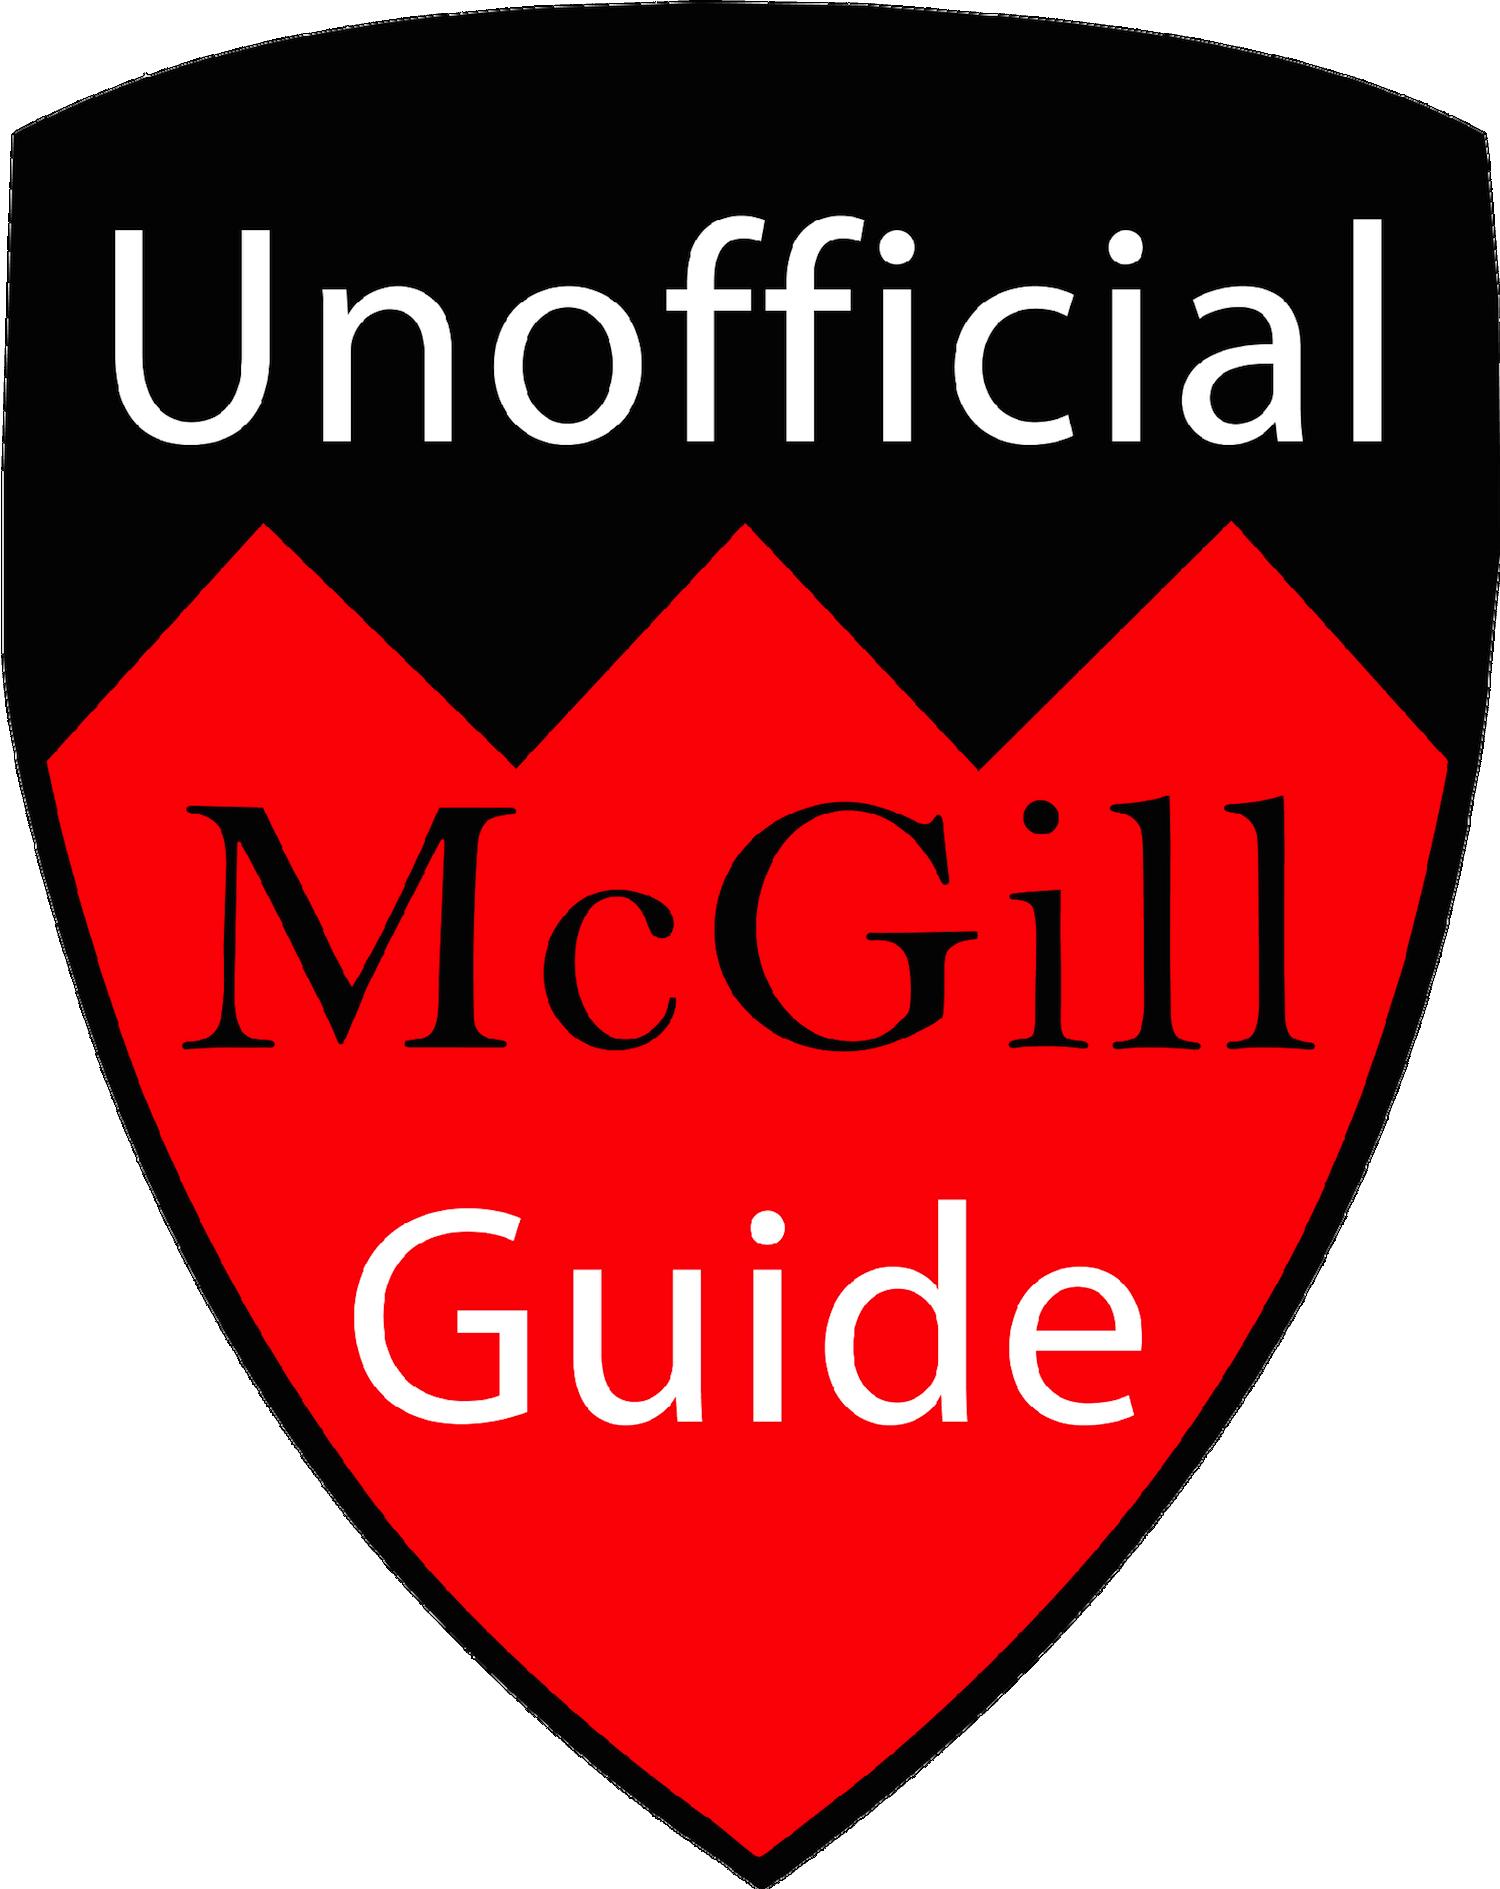 guide mcgill